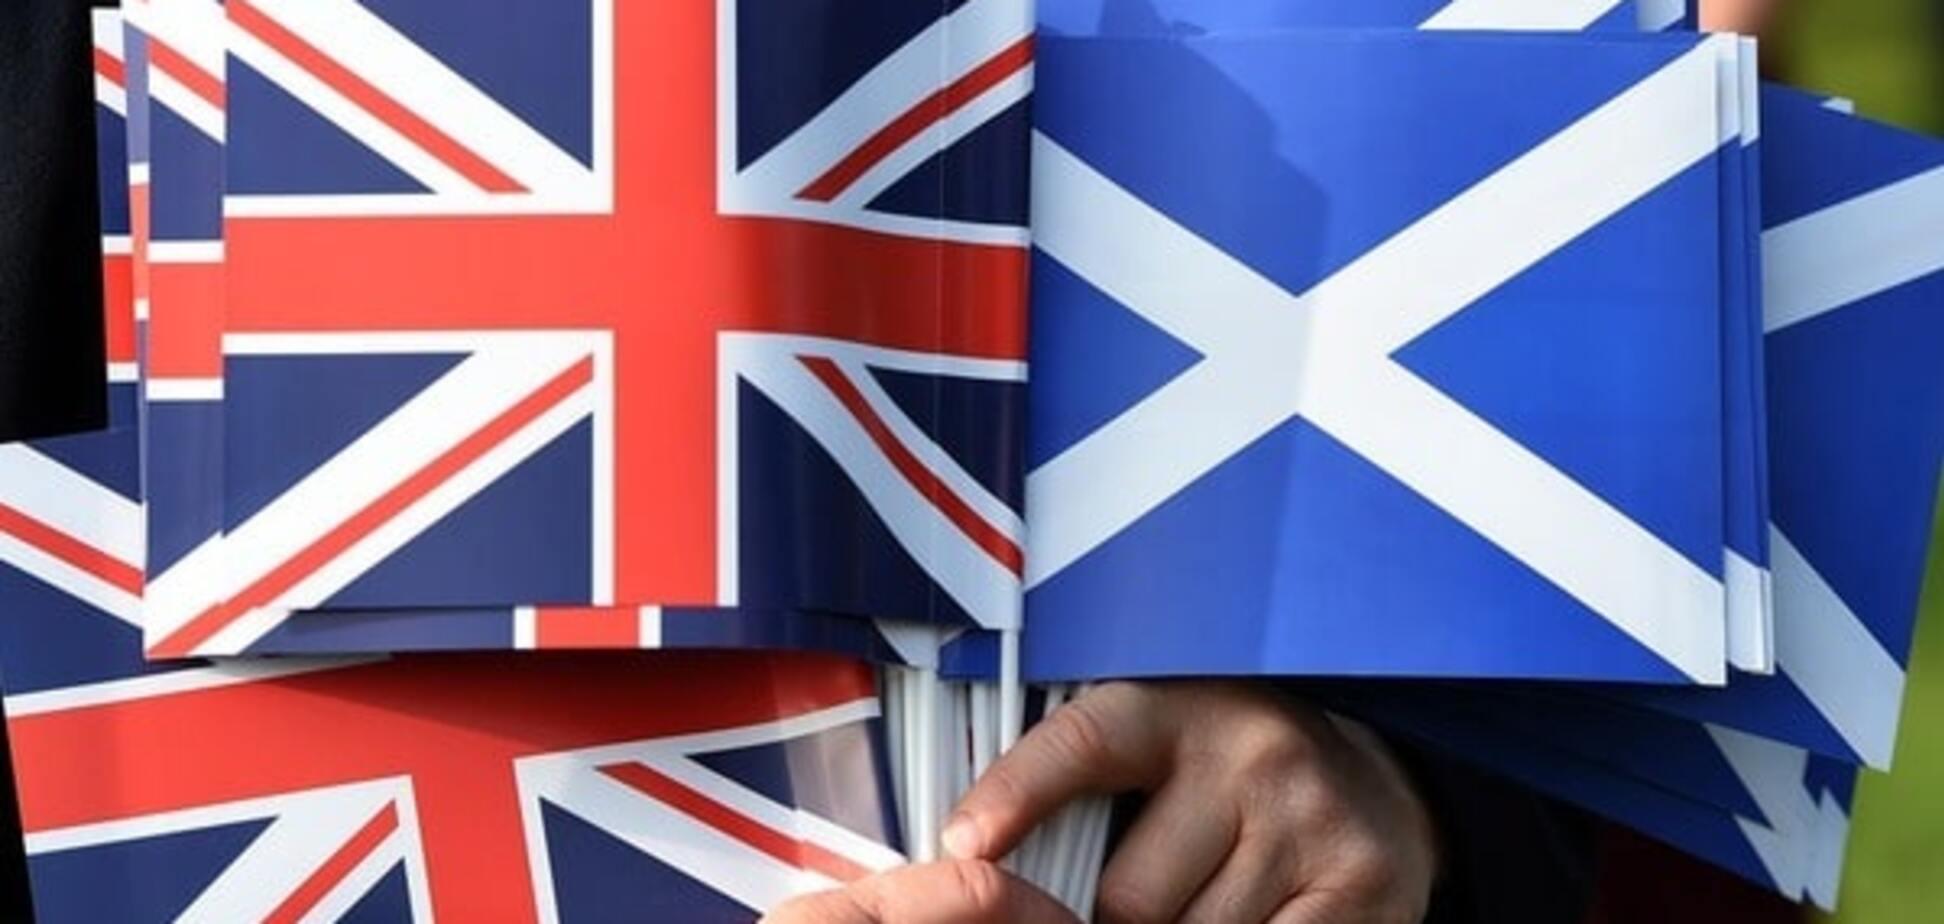 Наслідки Brexit: Шотландія розпочала підготовку до нового референдуму про незалежність